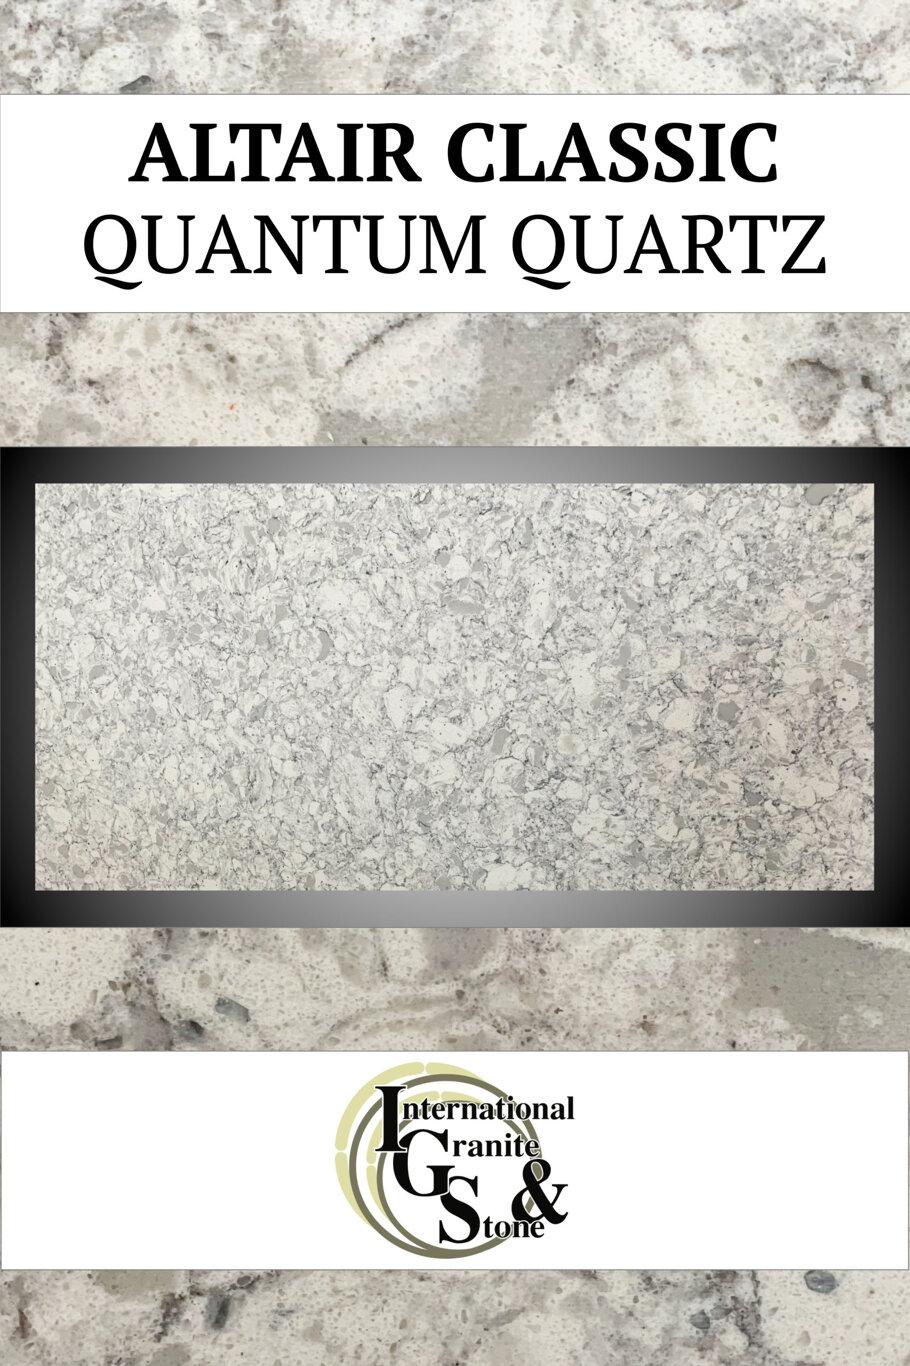 Altair Classic Quantum Quartz Countertops